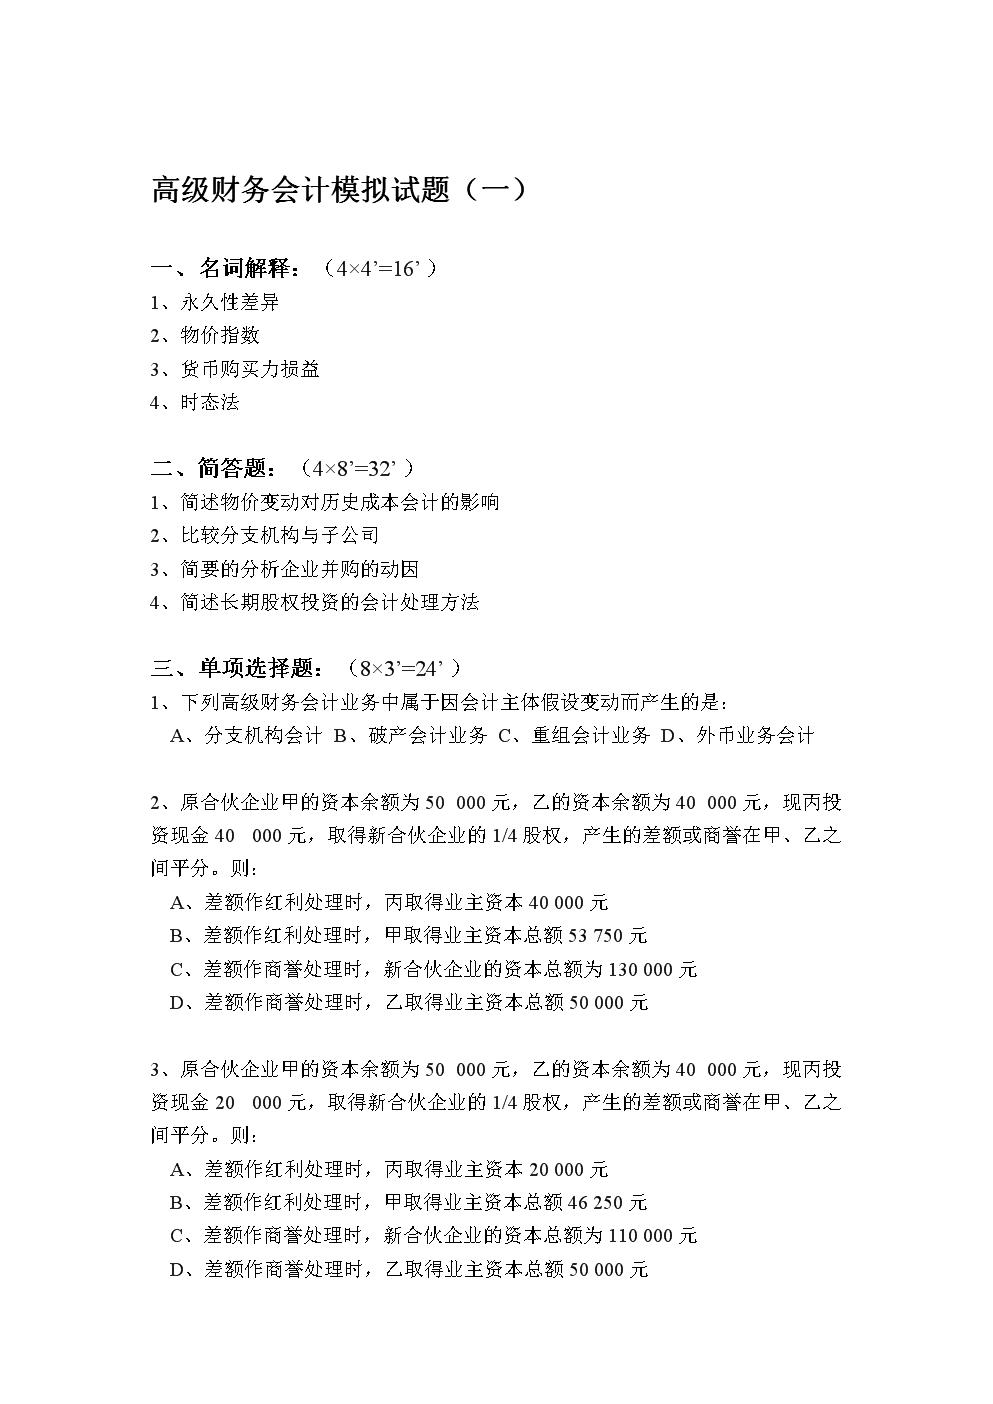 高级财务会计模拟试题(一).doc